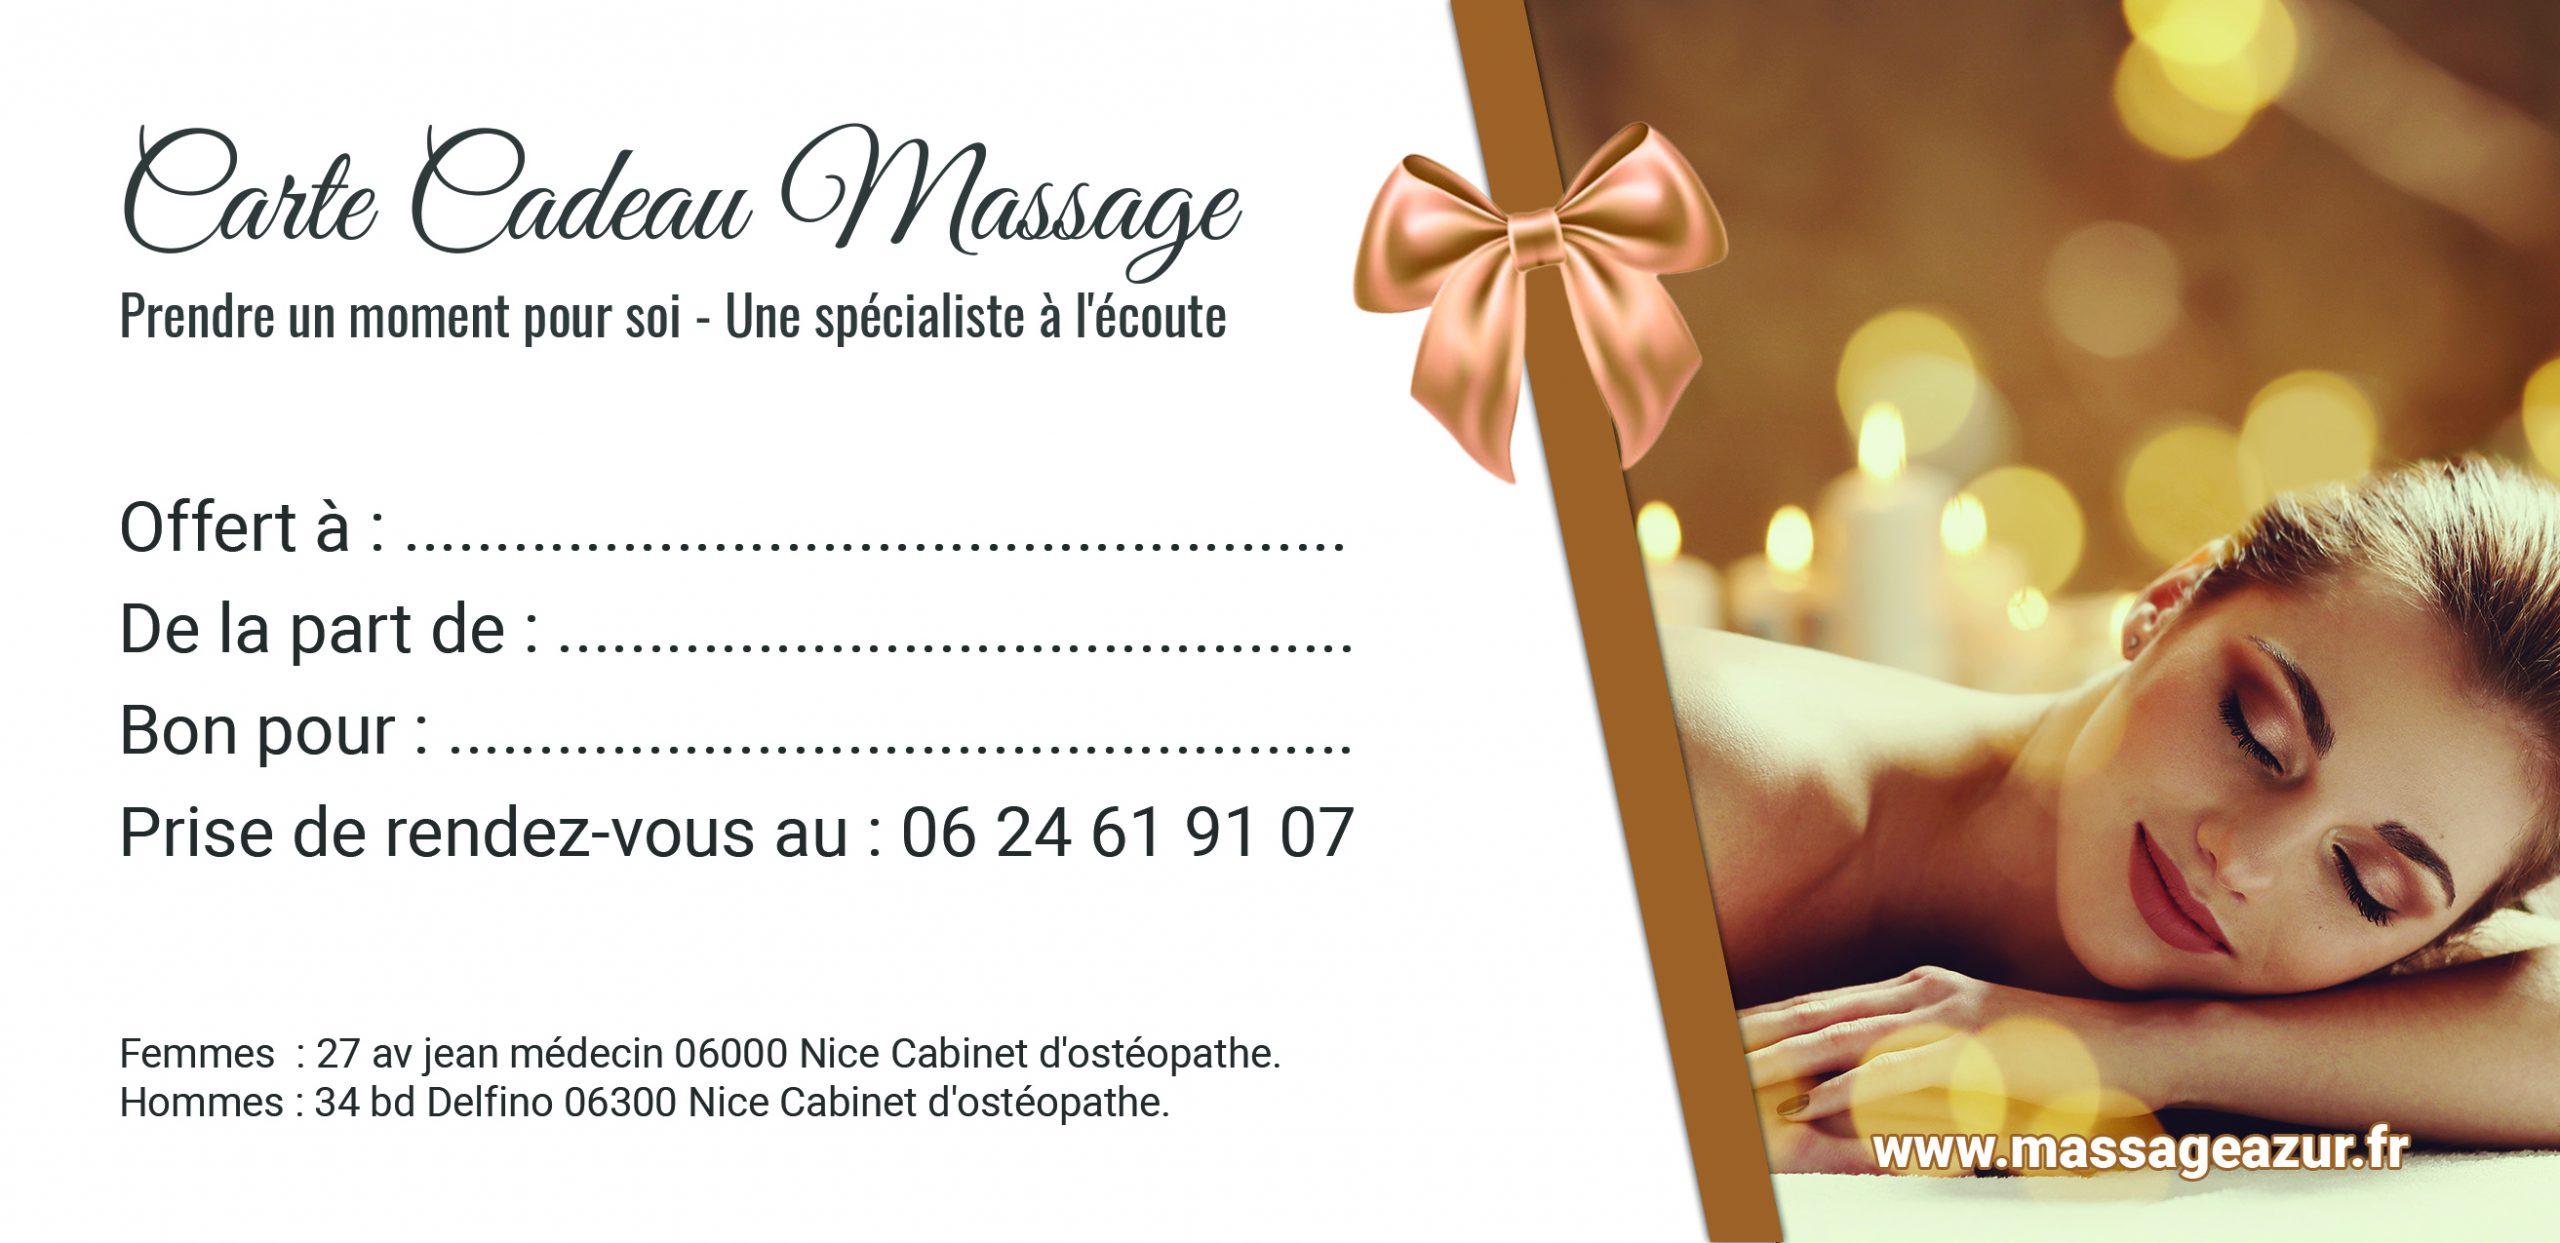 Carte Cadeau Massage Femme Enceinte Nice 06000